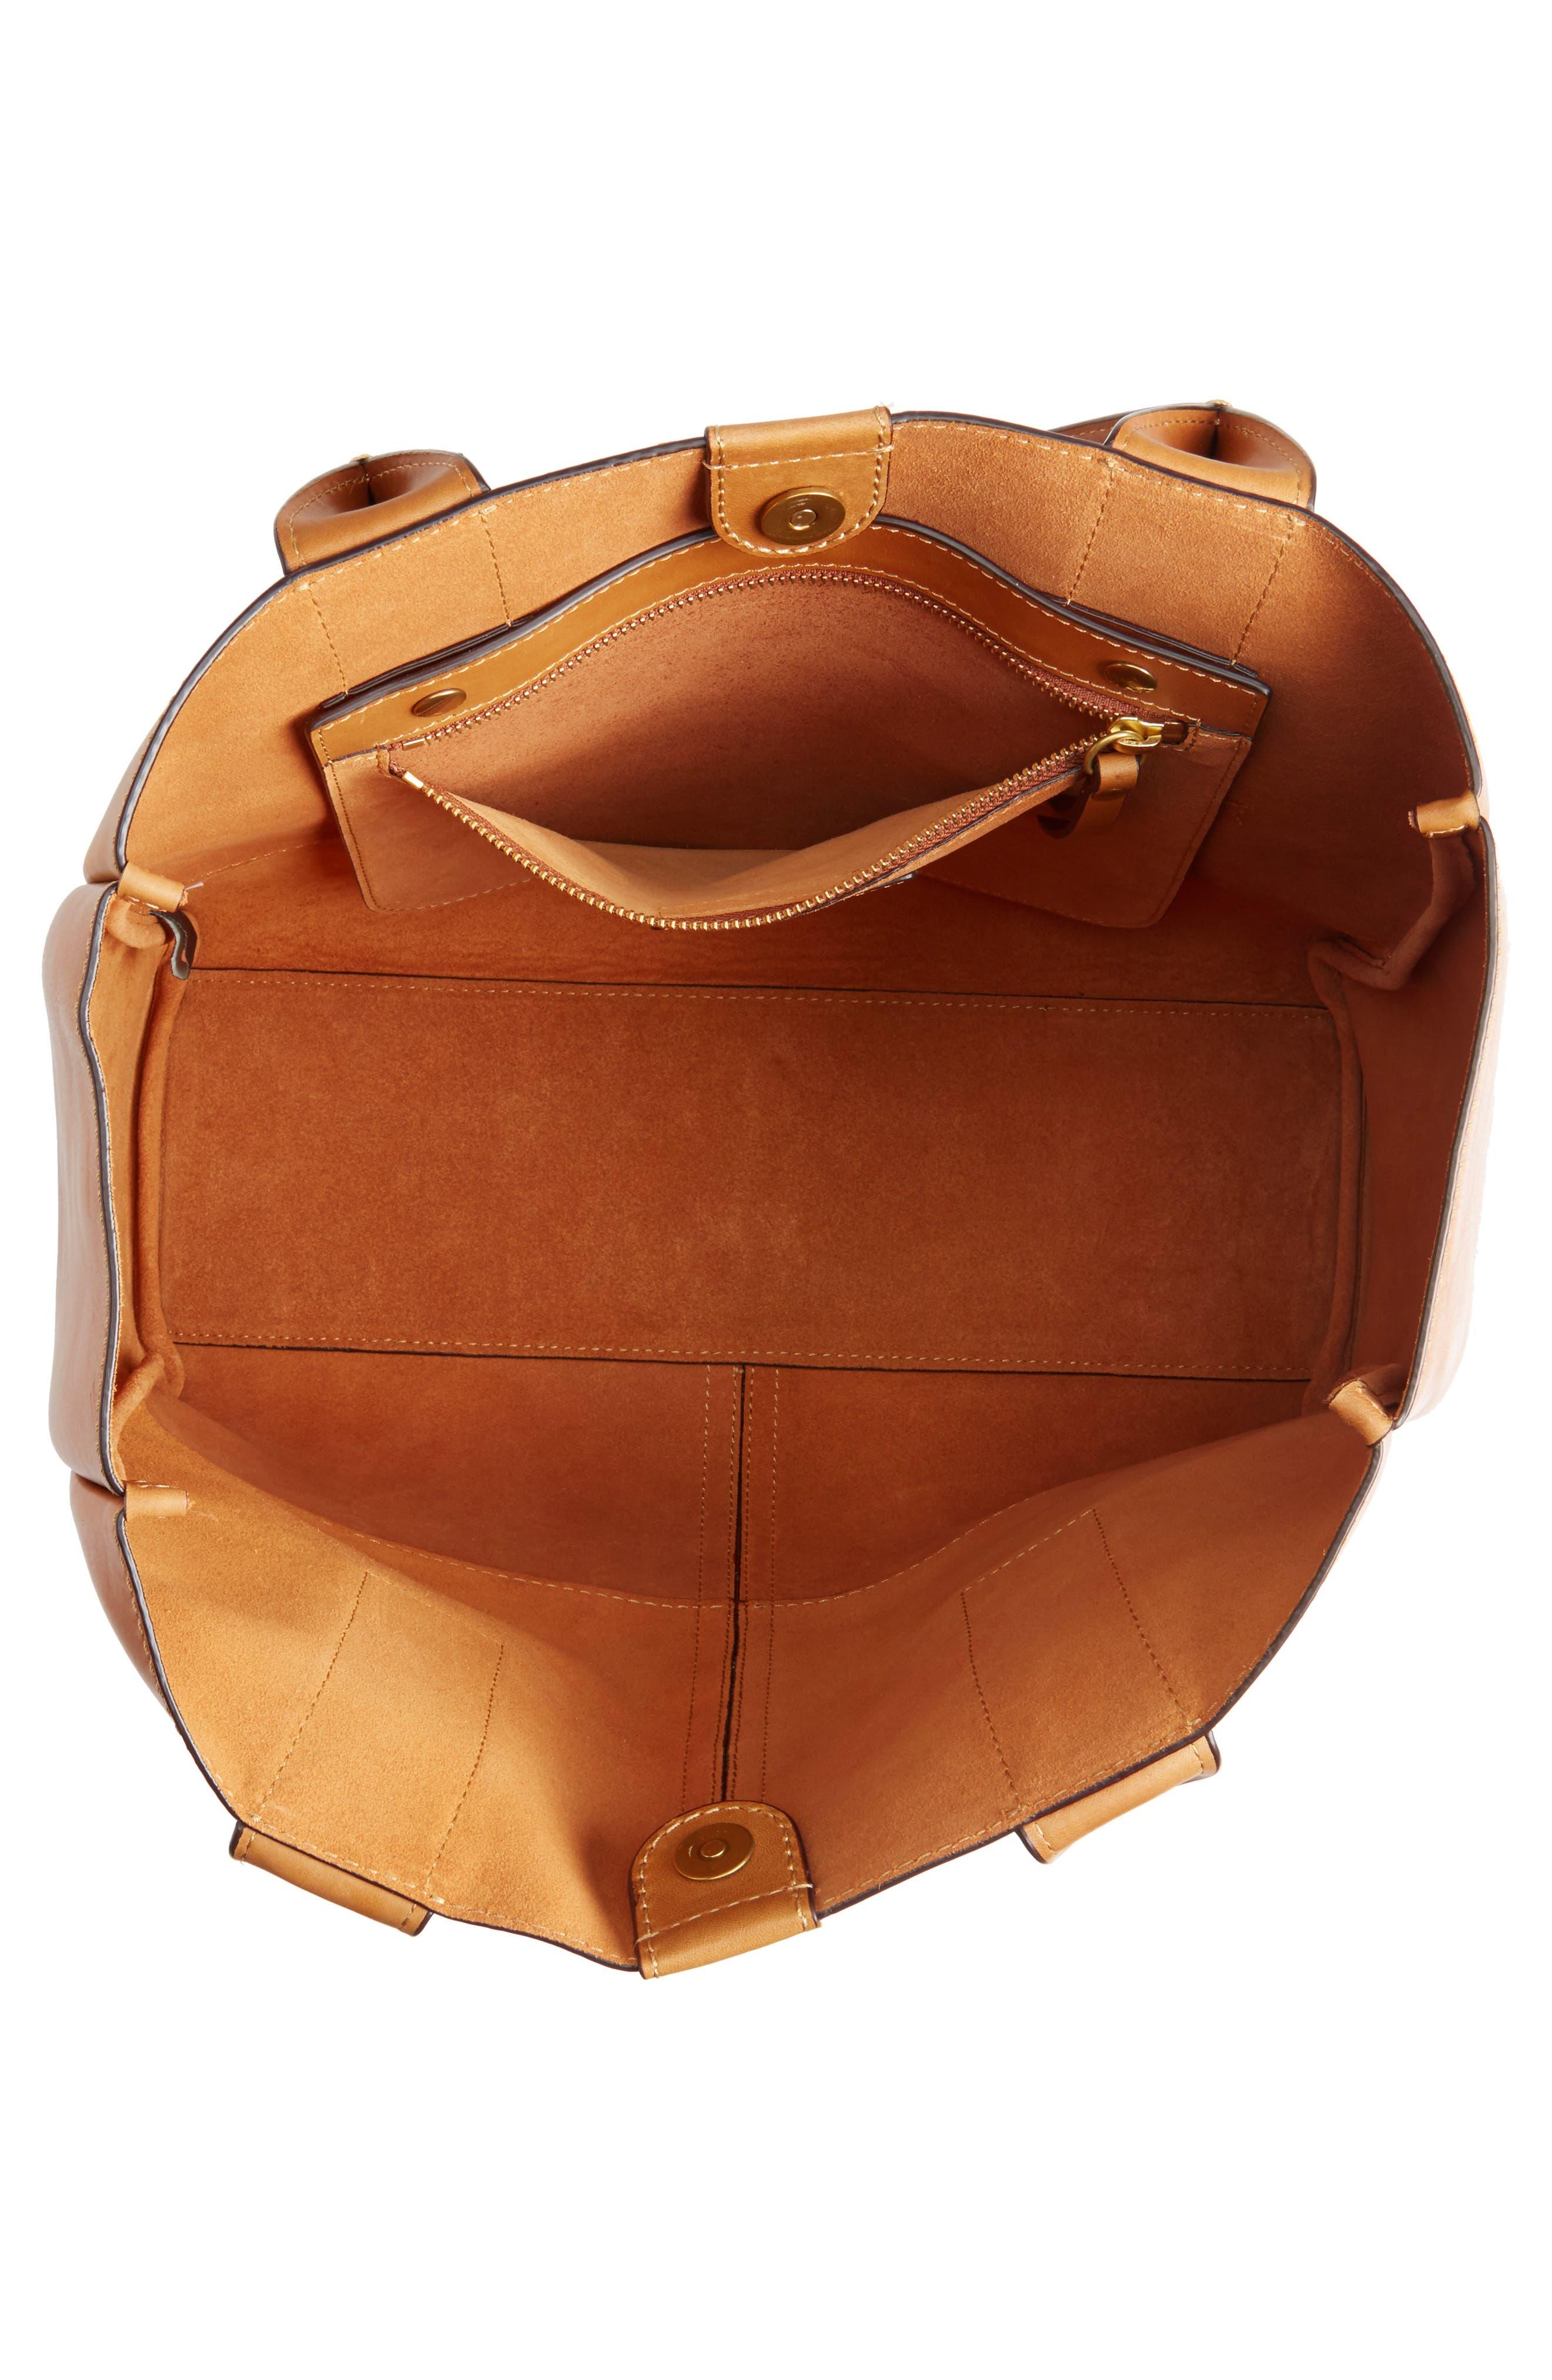 Ilana Harness Leather Shopper,                             Alternate thumbnail 4, color,                             Cognac